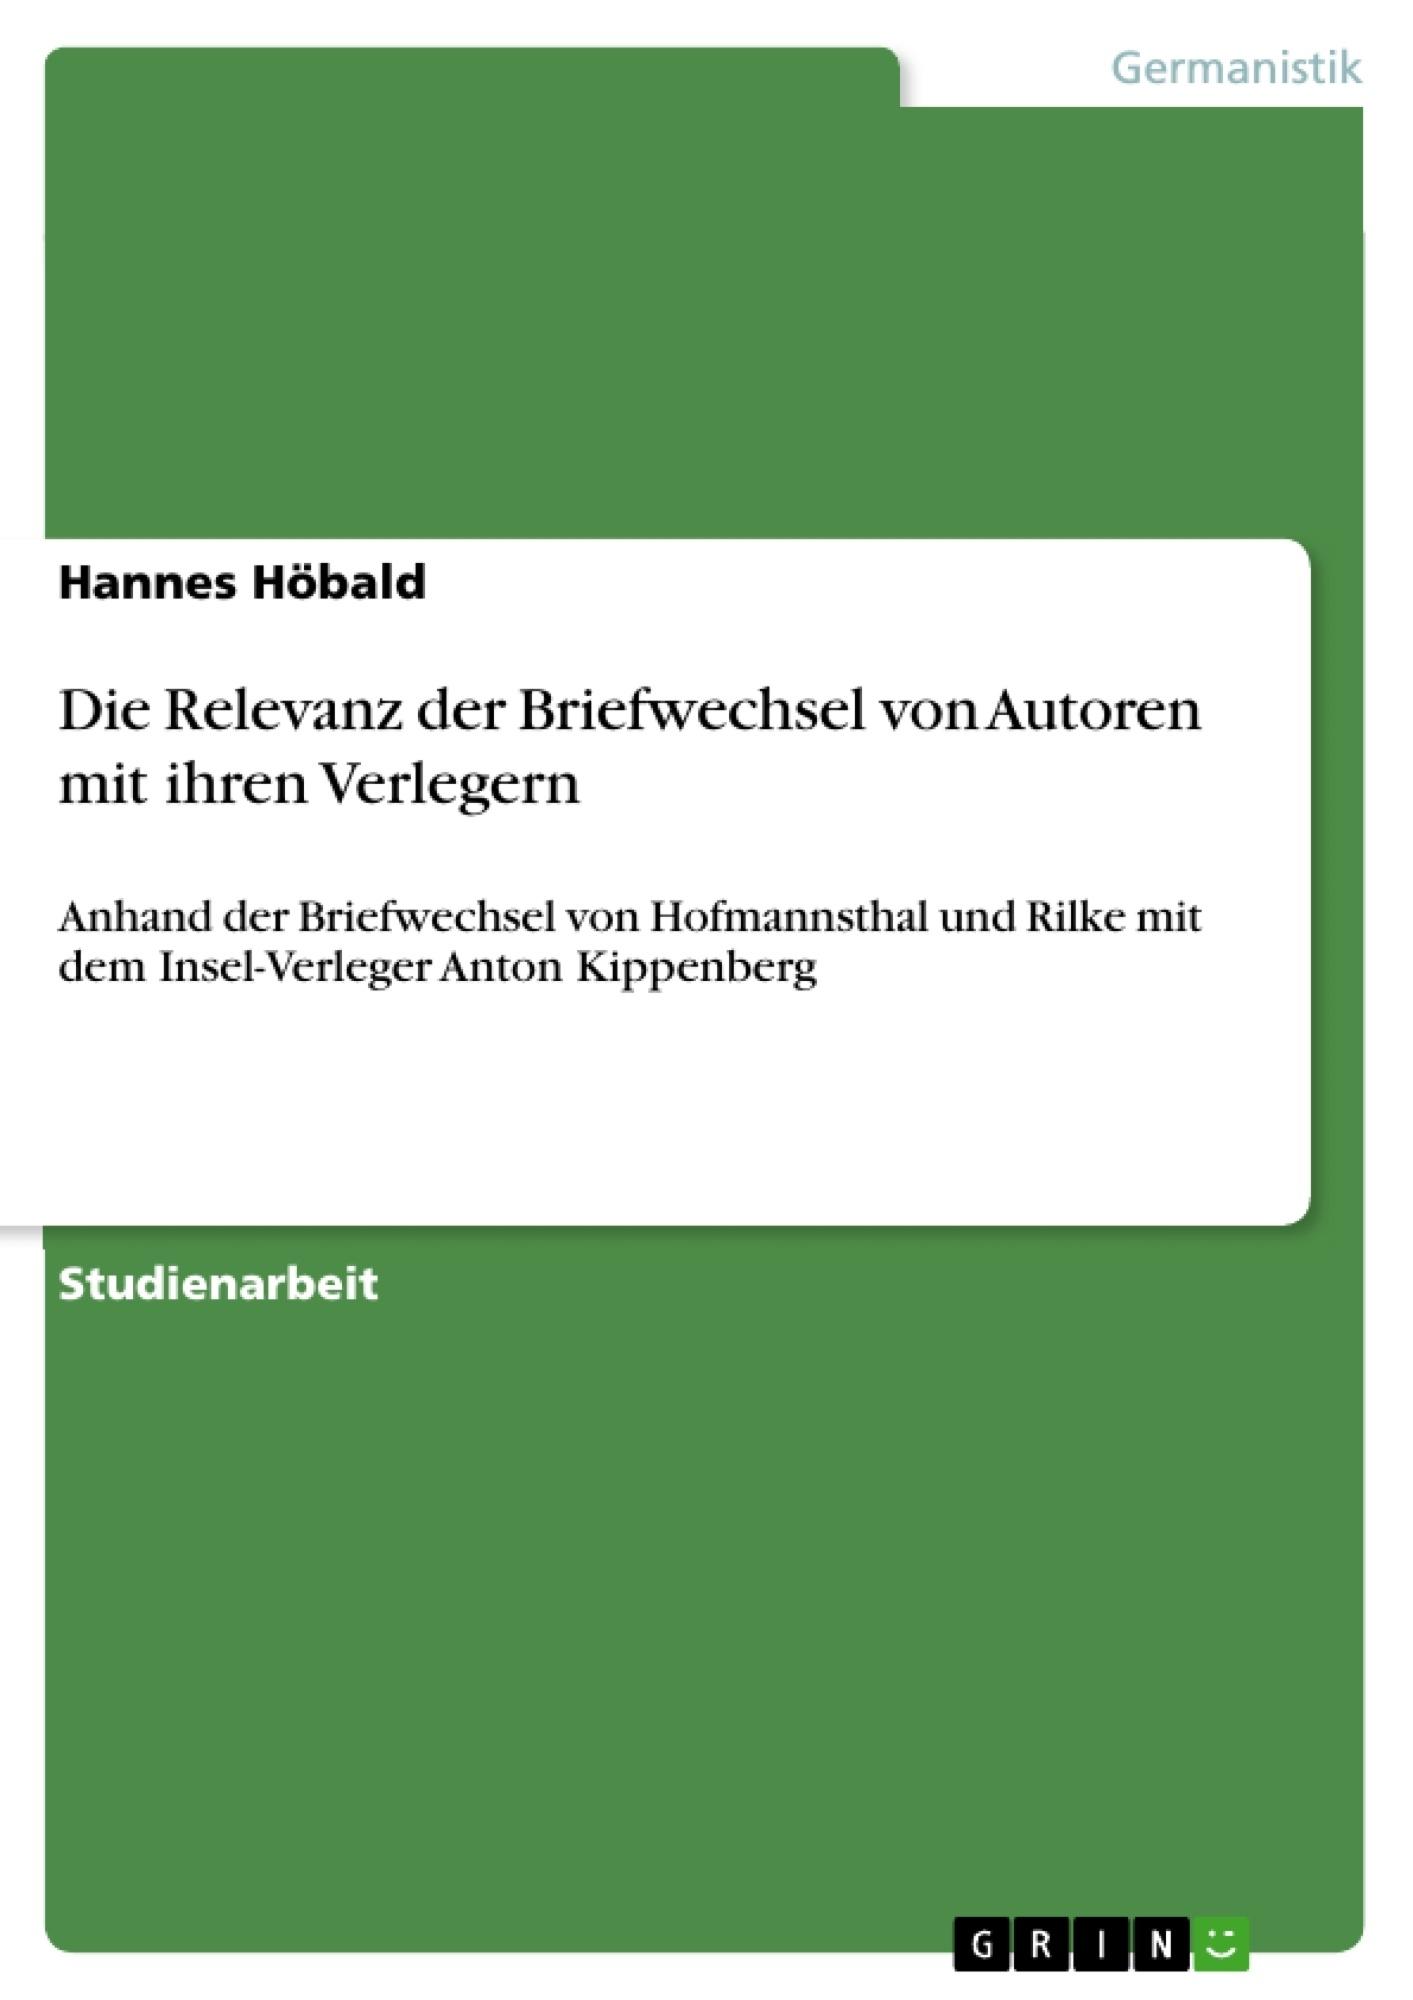 Titel: Die Relevanz der Briefwechsel von Autoren mit ihren Verlegern